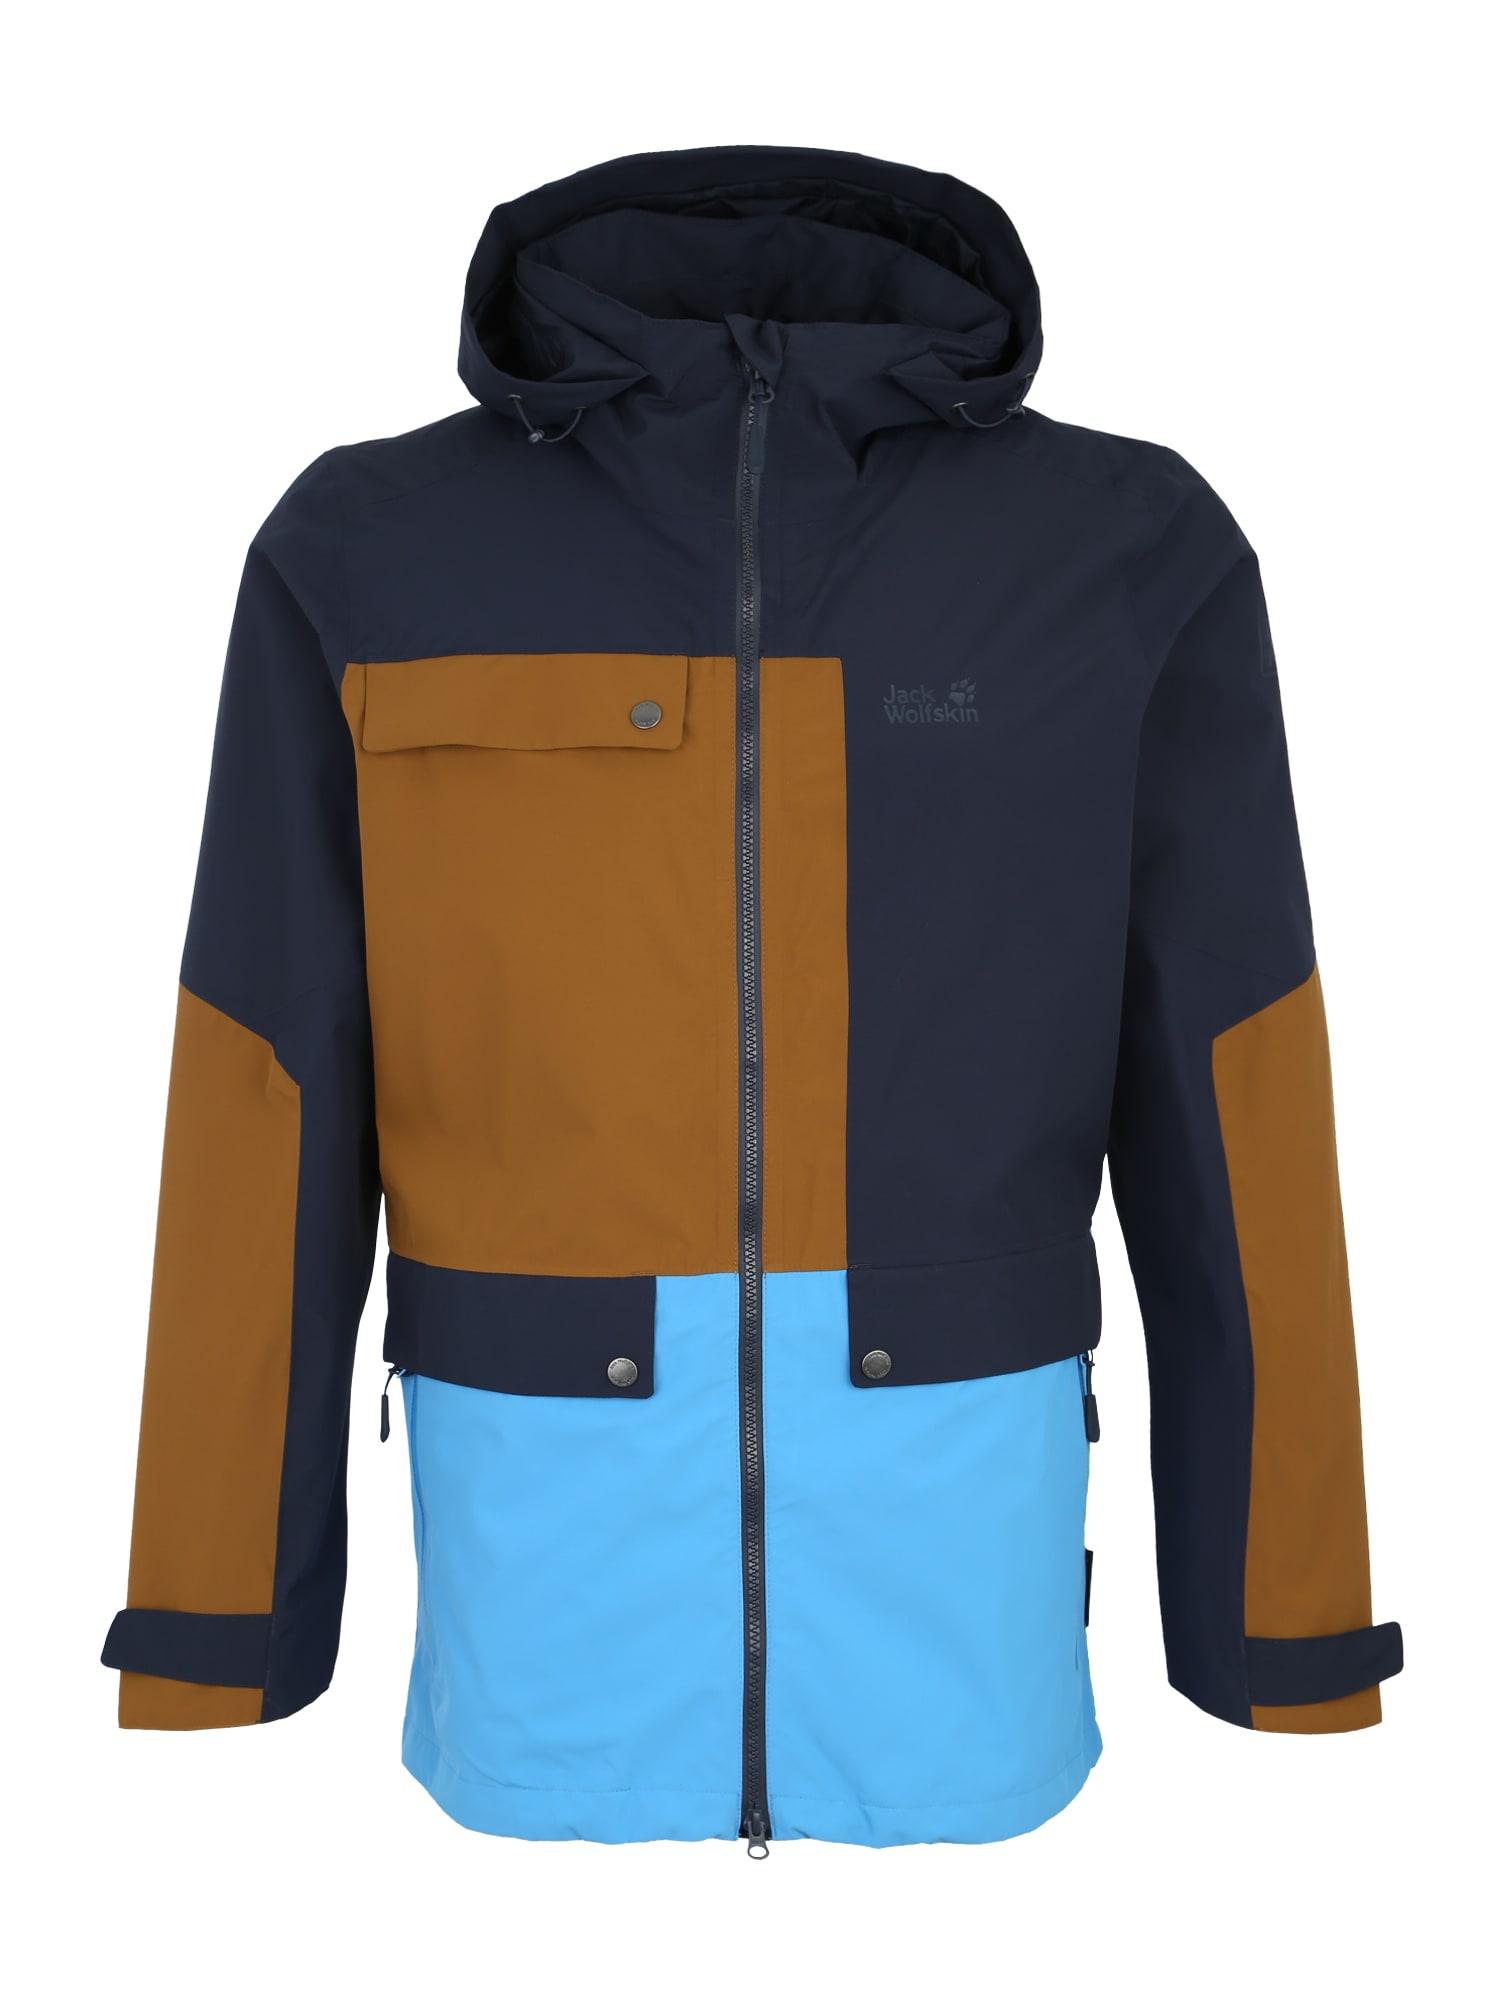 Sportovní bunda 365 INFLUENCER M modrá tmavě modrá hnědá JACK WOLFSKIN